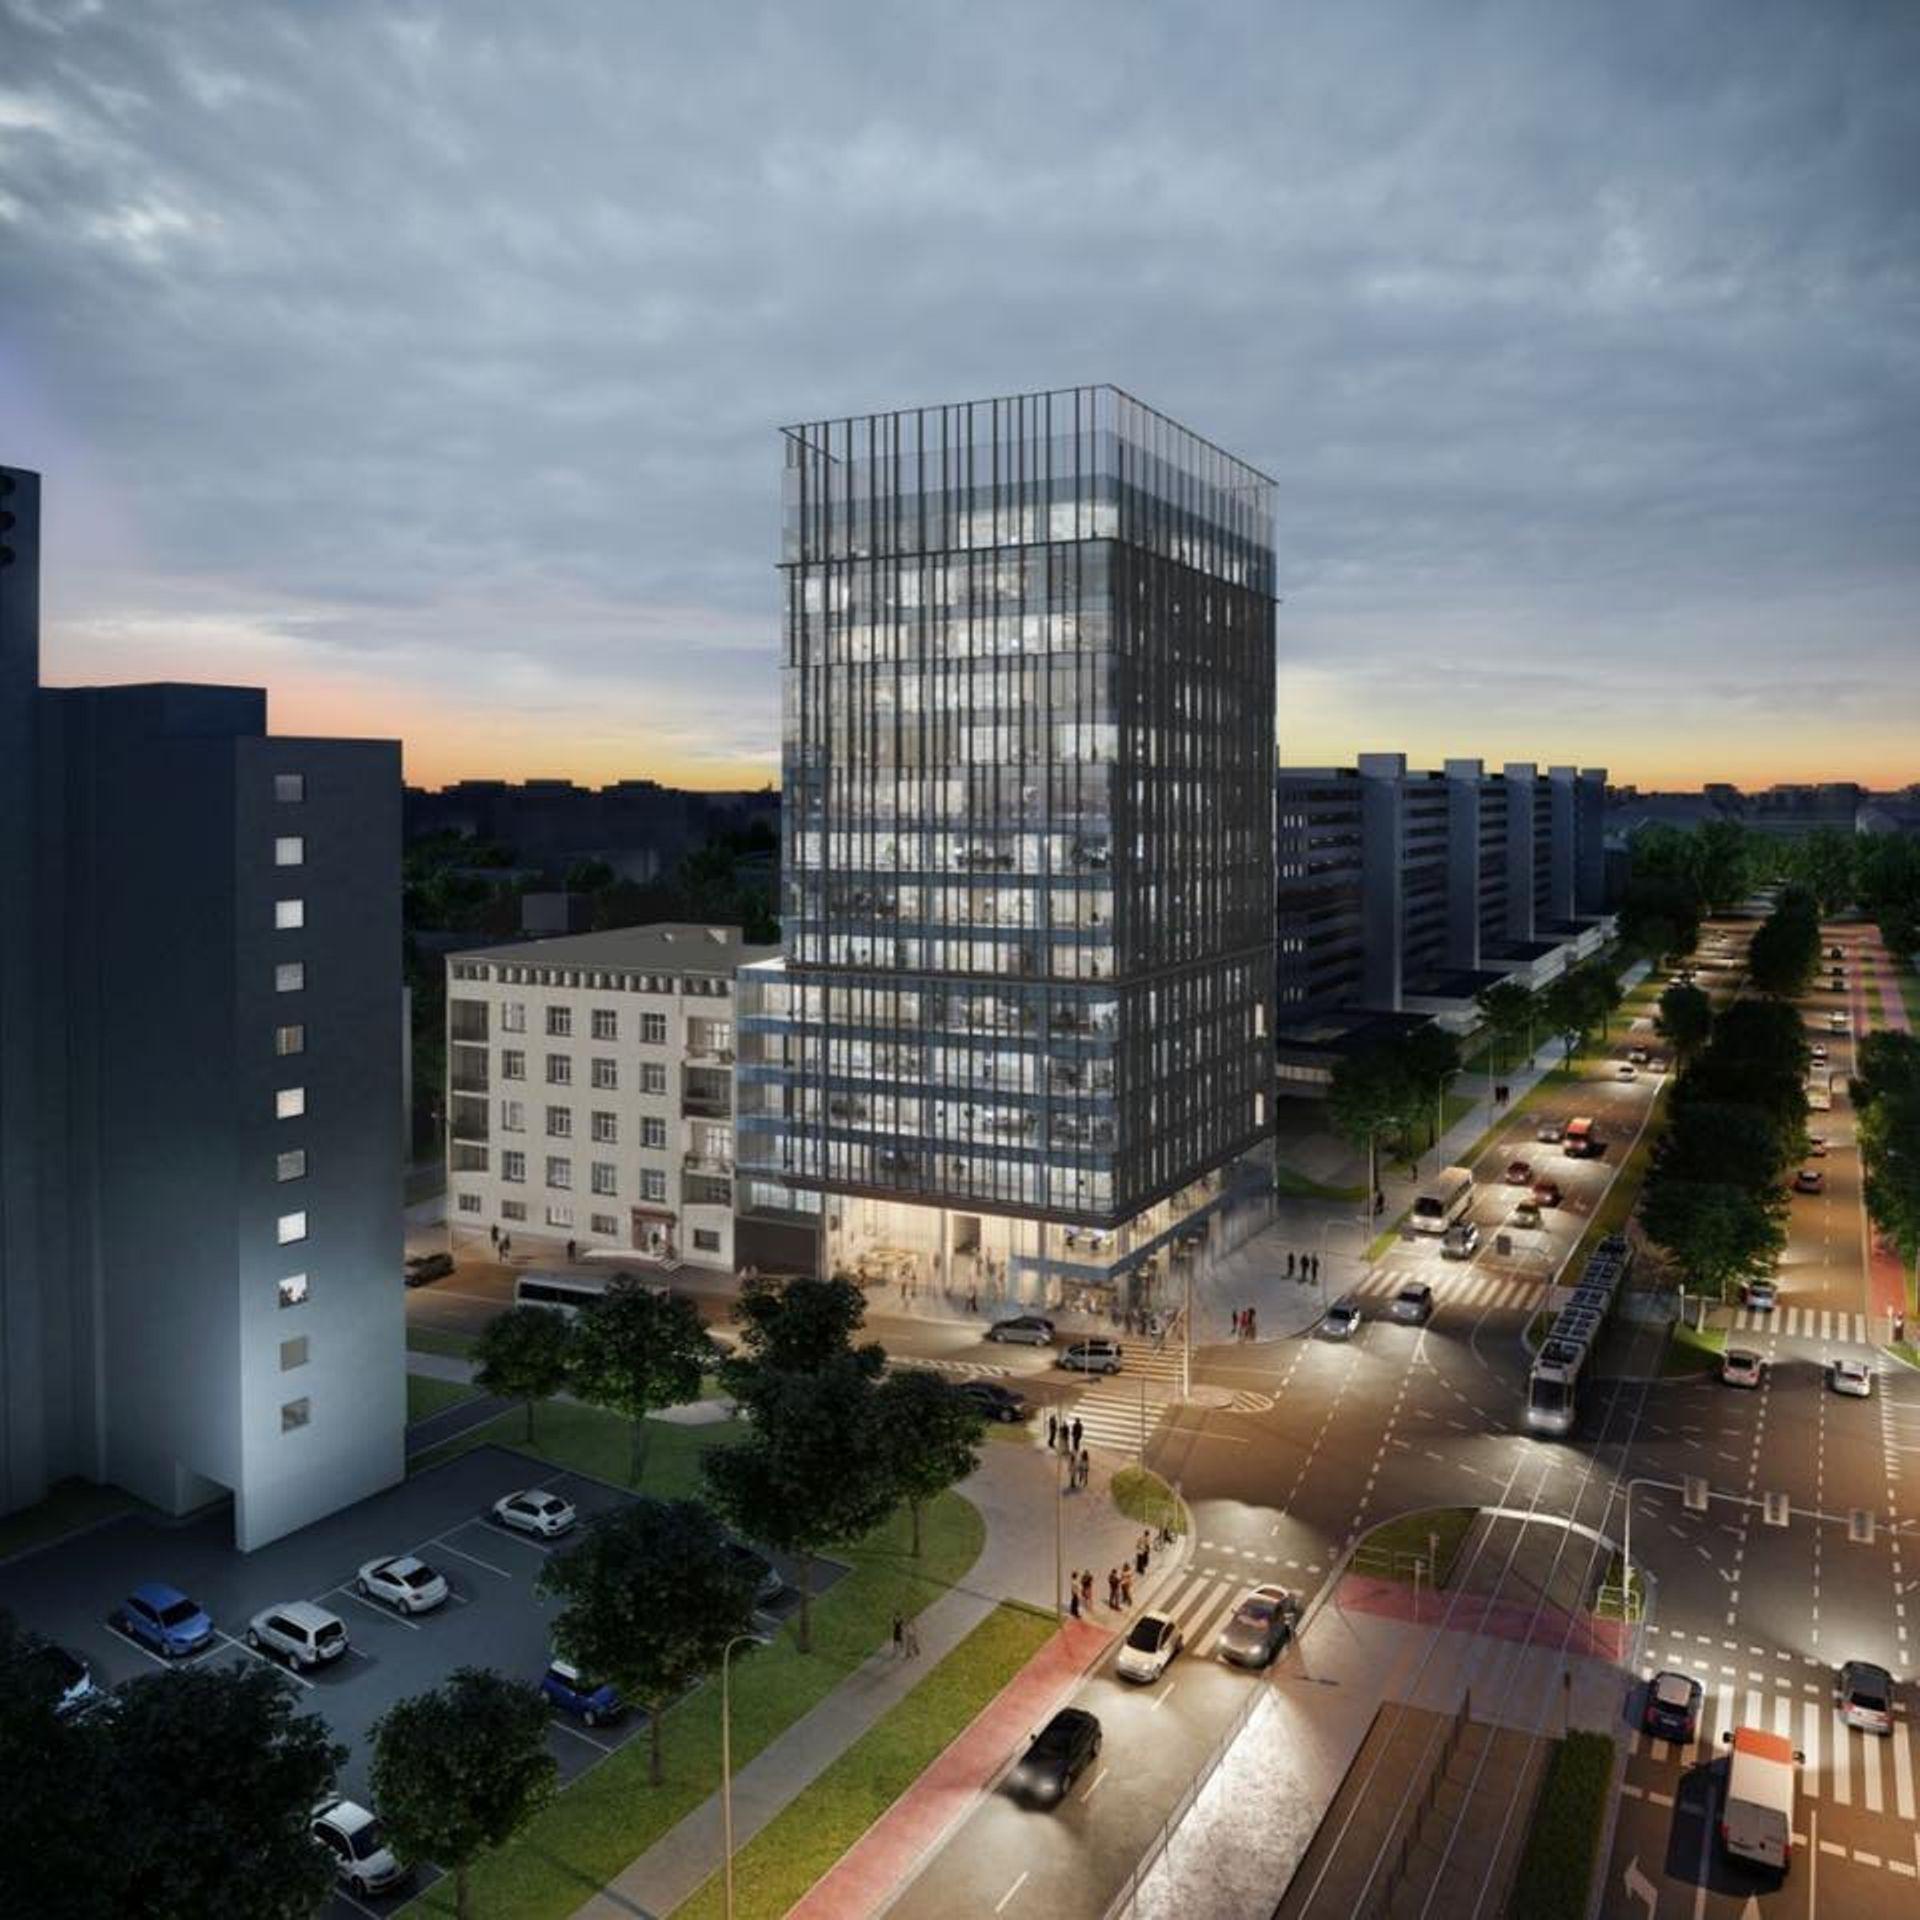 Wrocław: Wielka 27 – trzy lata opóźnienia i zmieniony projekt. I2 Development buduje biura przy Sky Towerze [NOWE WIZUALIZACJE]